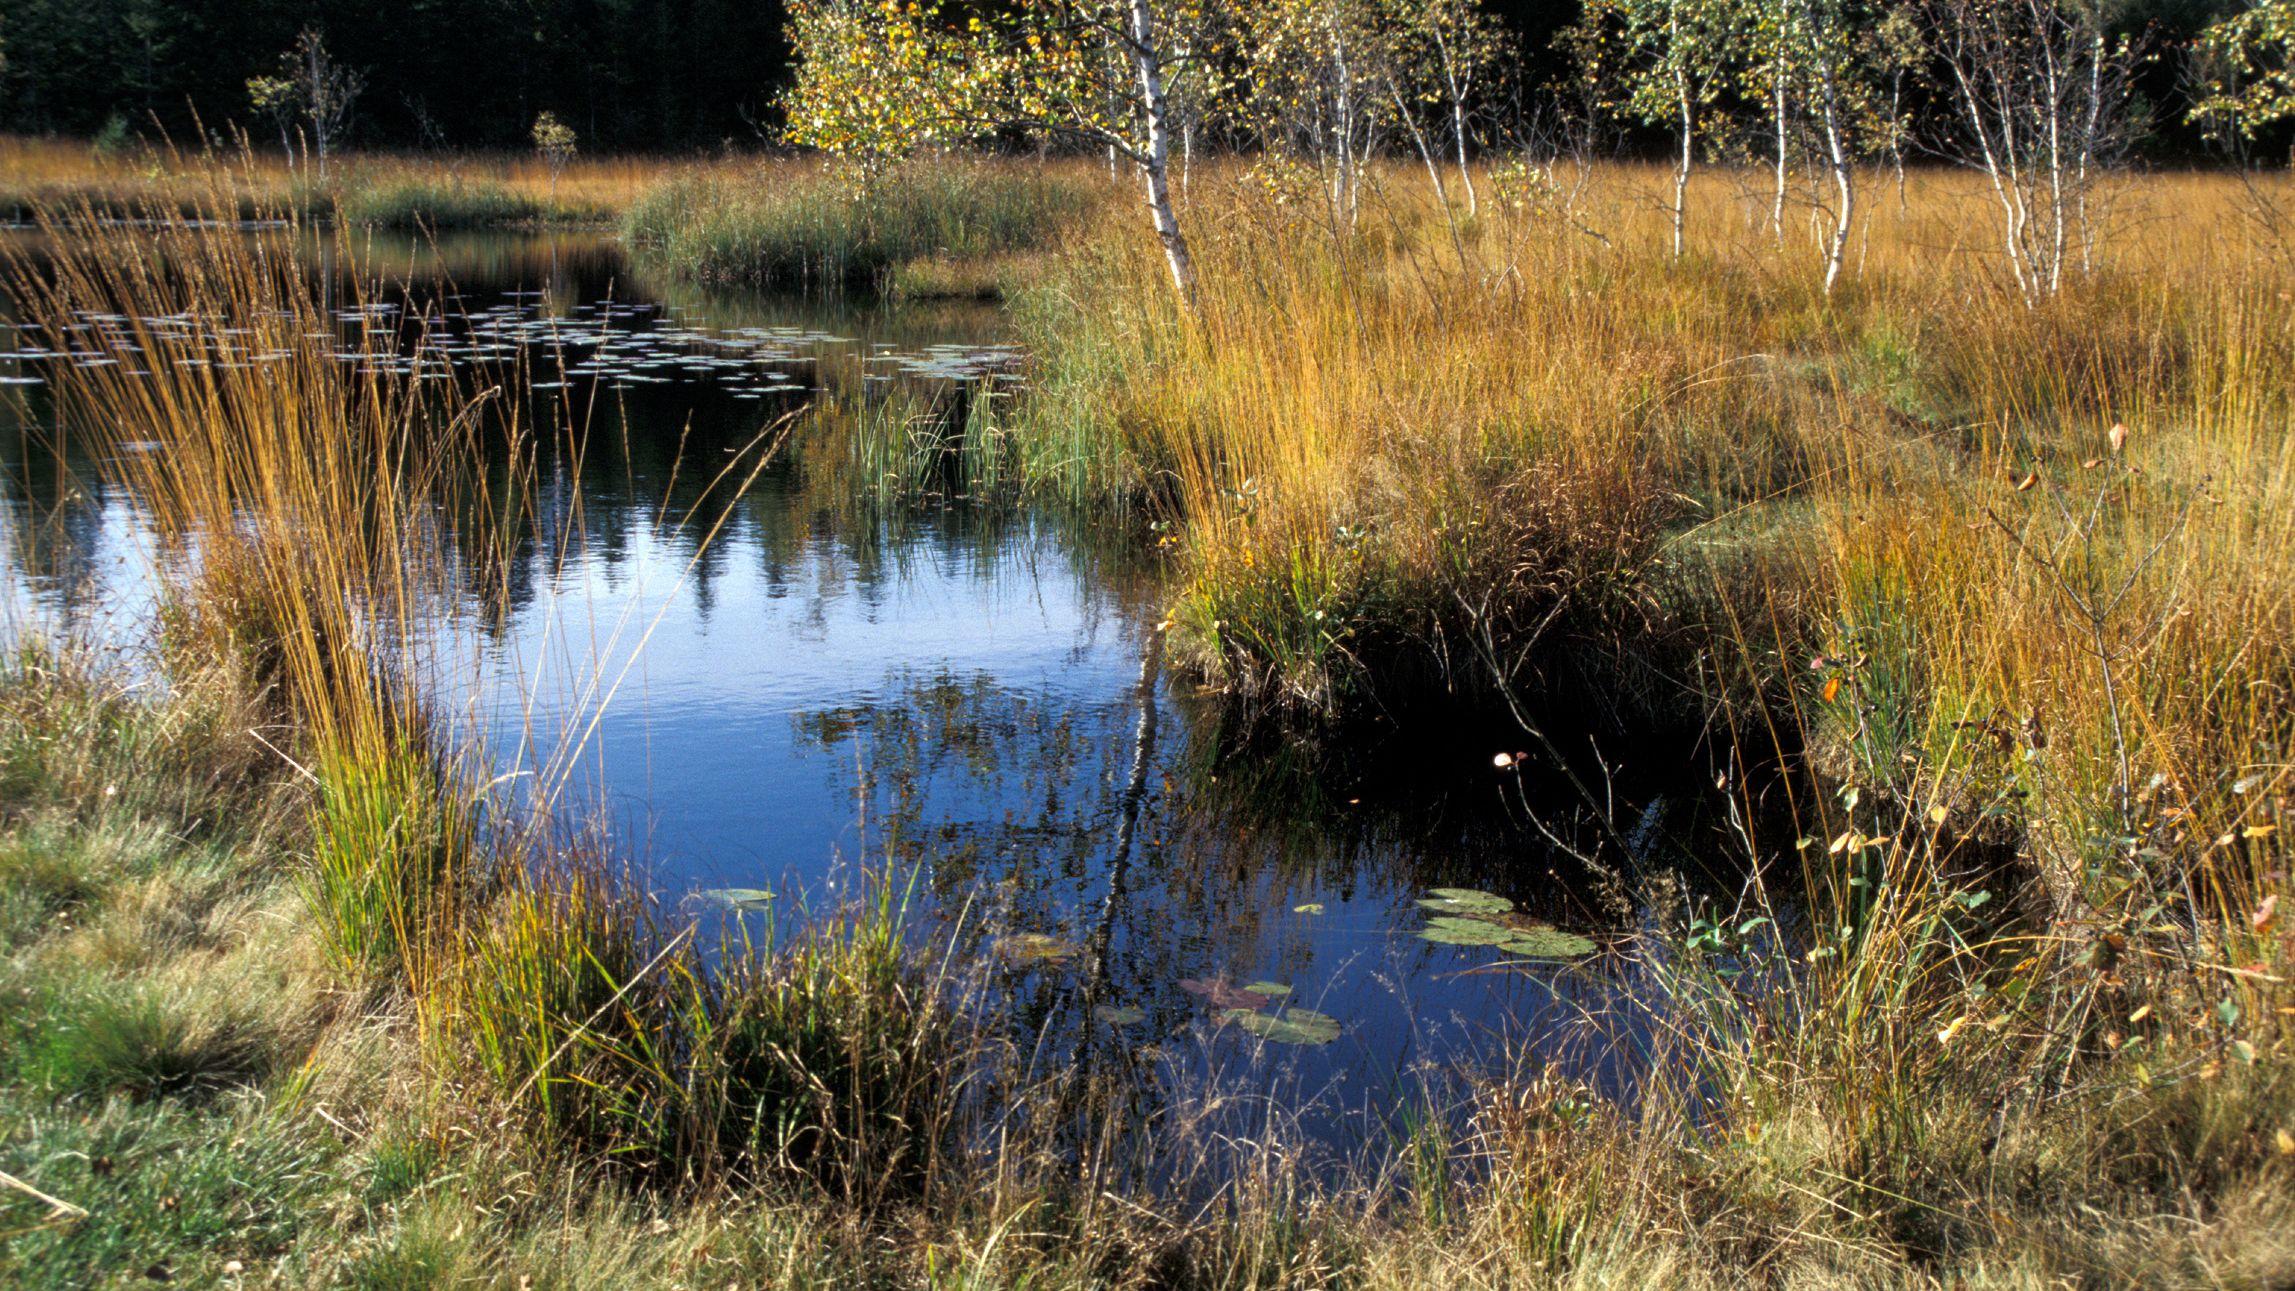 Einer der vielen Tümpel, die im Kolchsee-Moor zu finden sind, einem der schönsten Feuchtgebiete im Zweiseenland zwischen Kochel- und Walchensee.